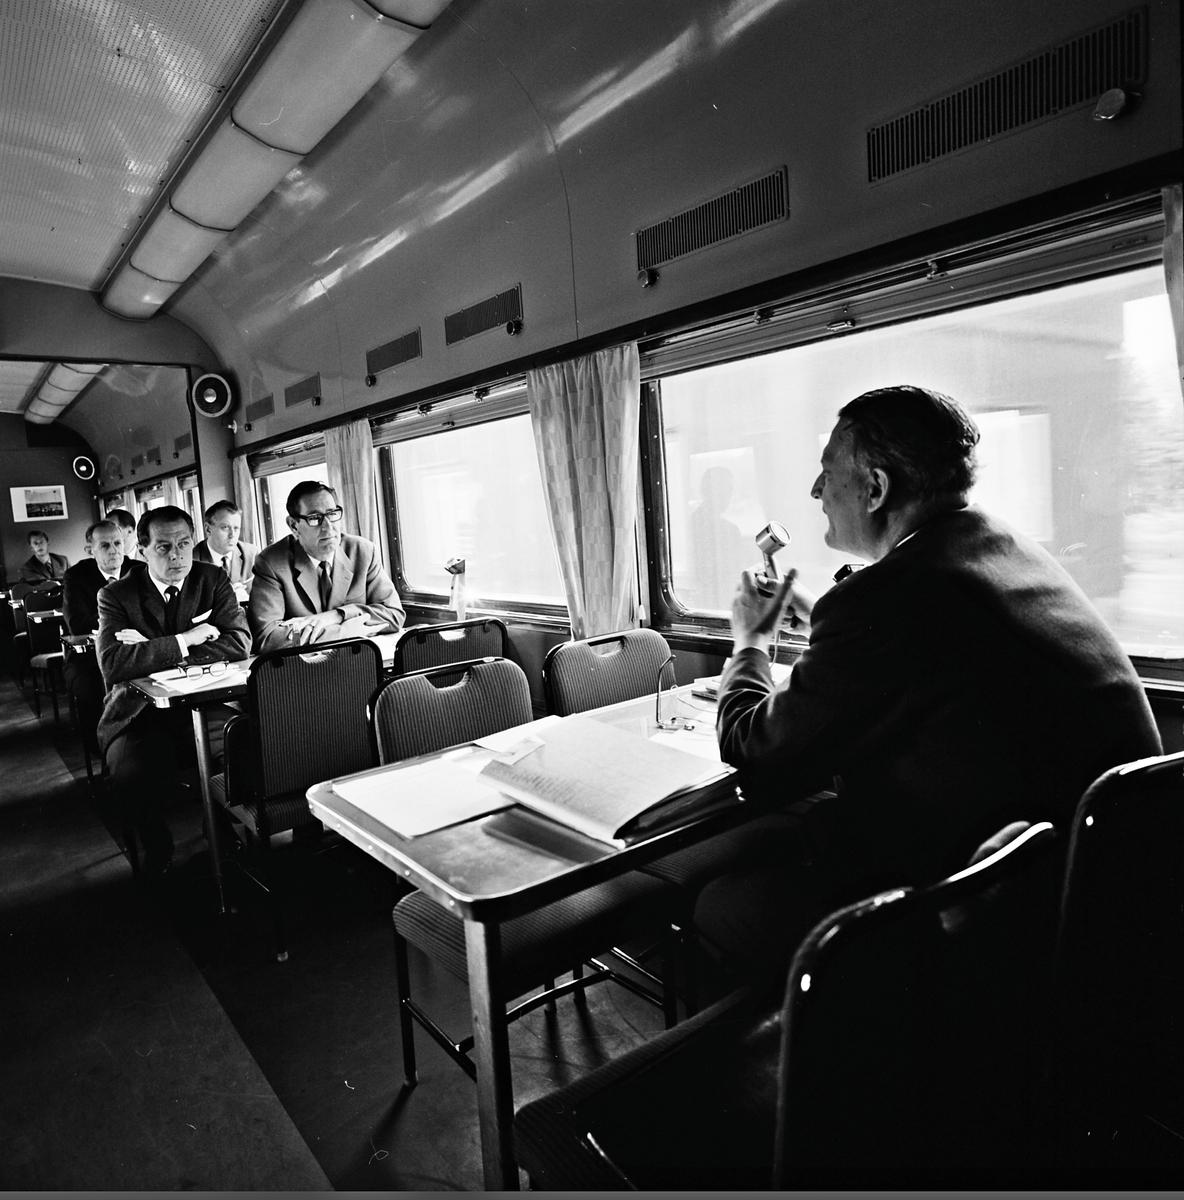 Centrala Företagsnämnden har förhandling i Ro2 under resan mot Kiruna - Narvik